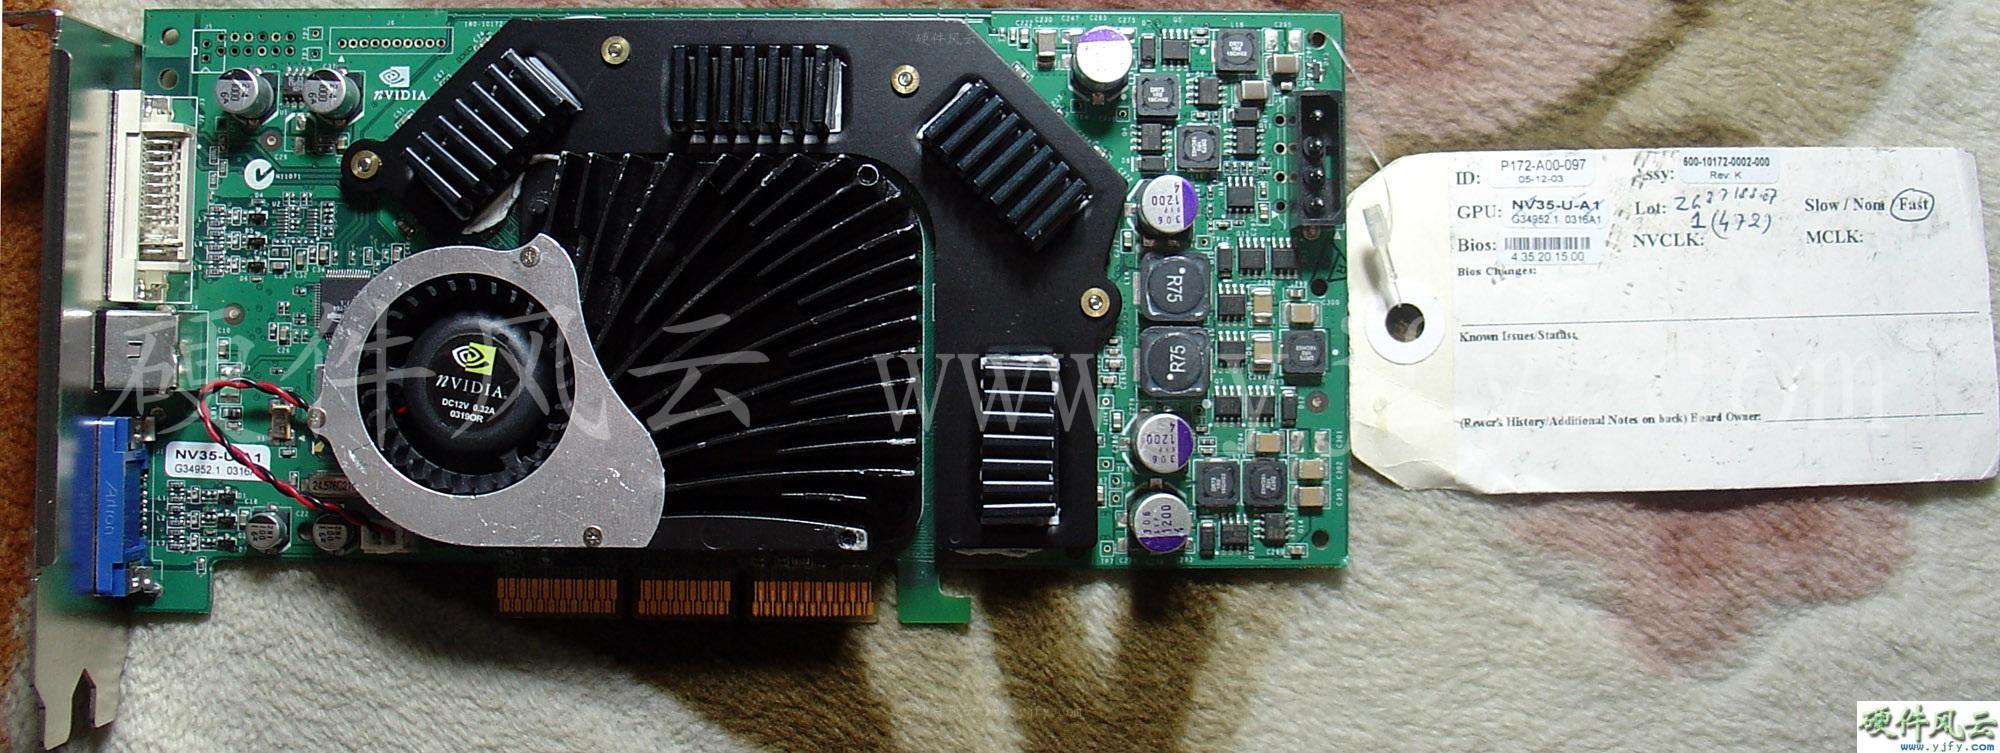 P172-A00-097_NV35-U-A1-ES.jpg